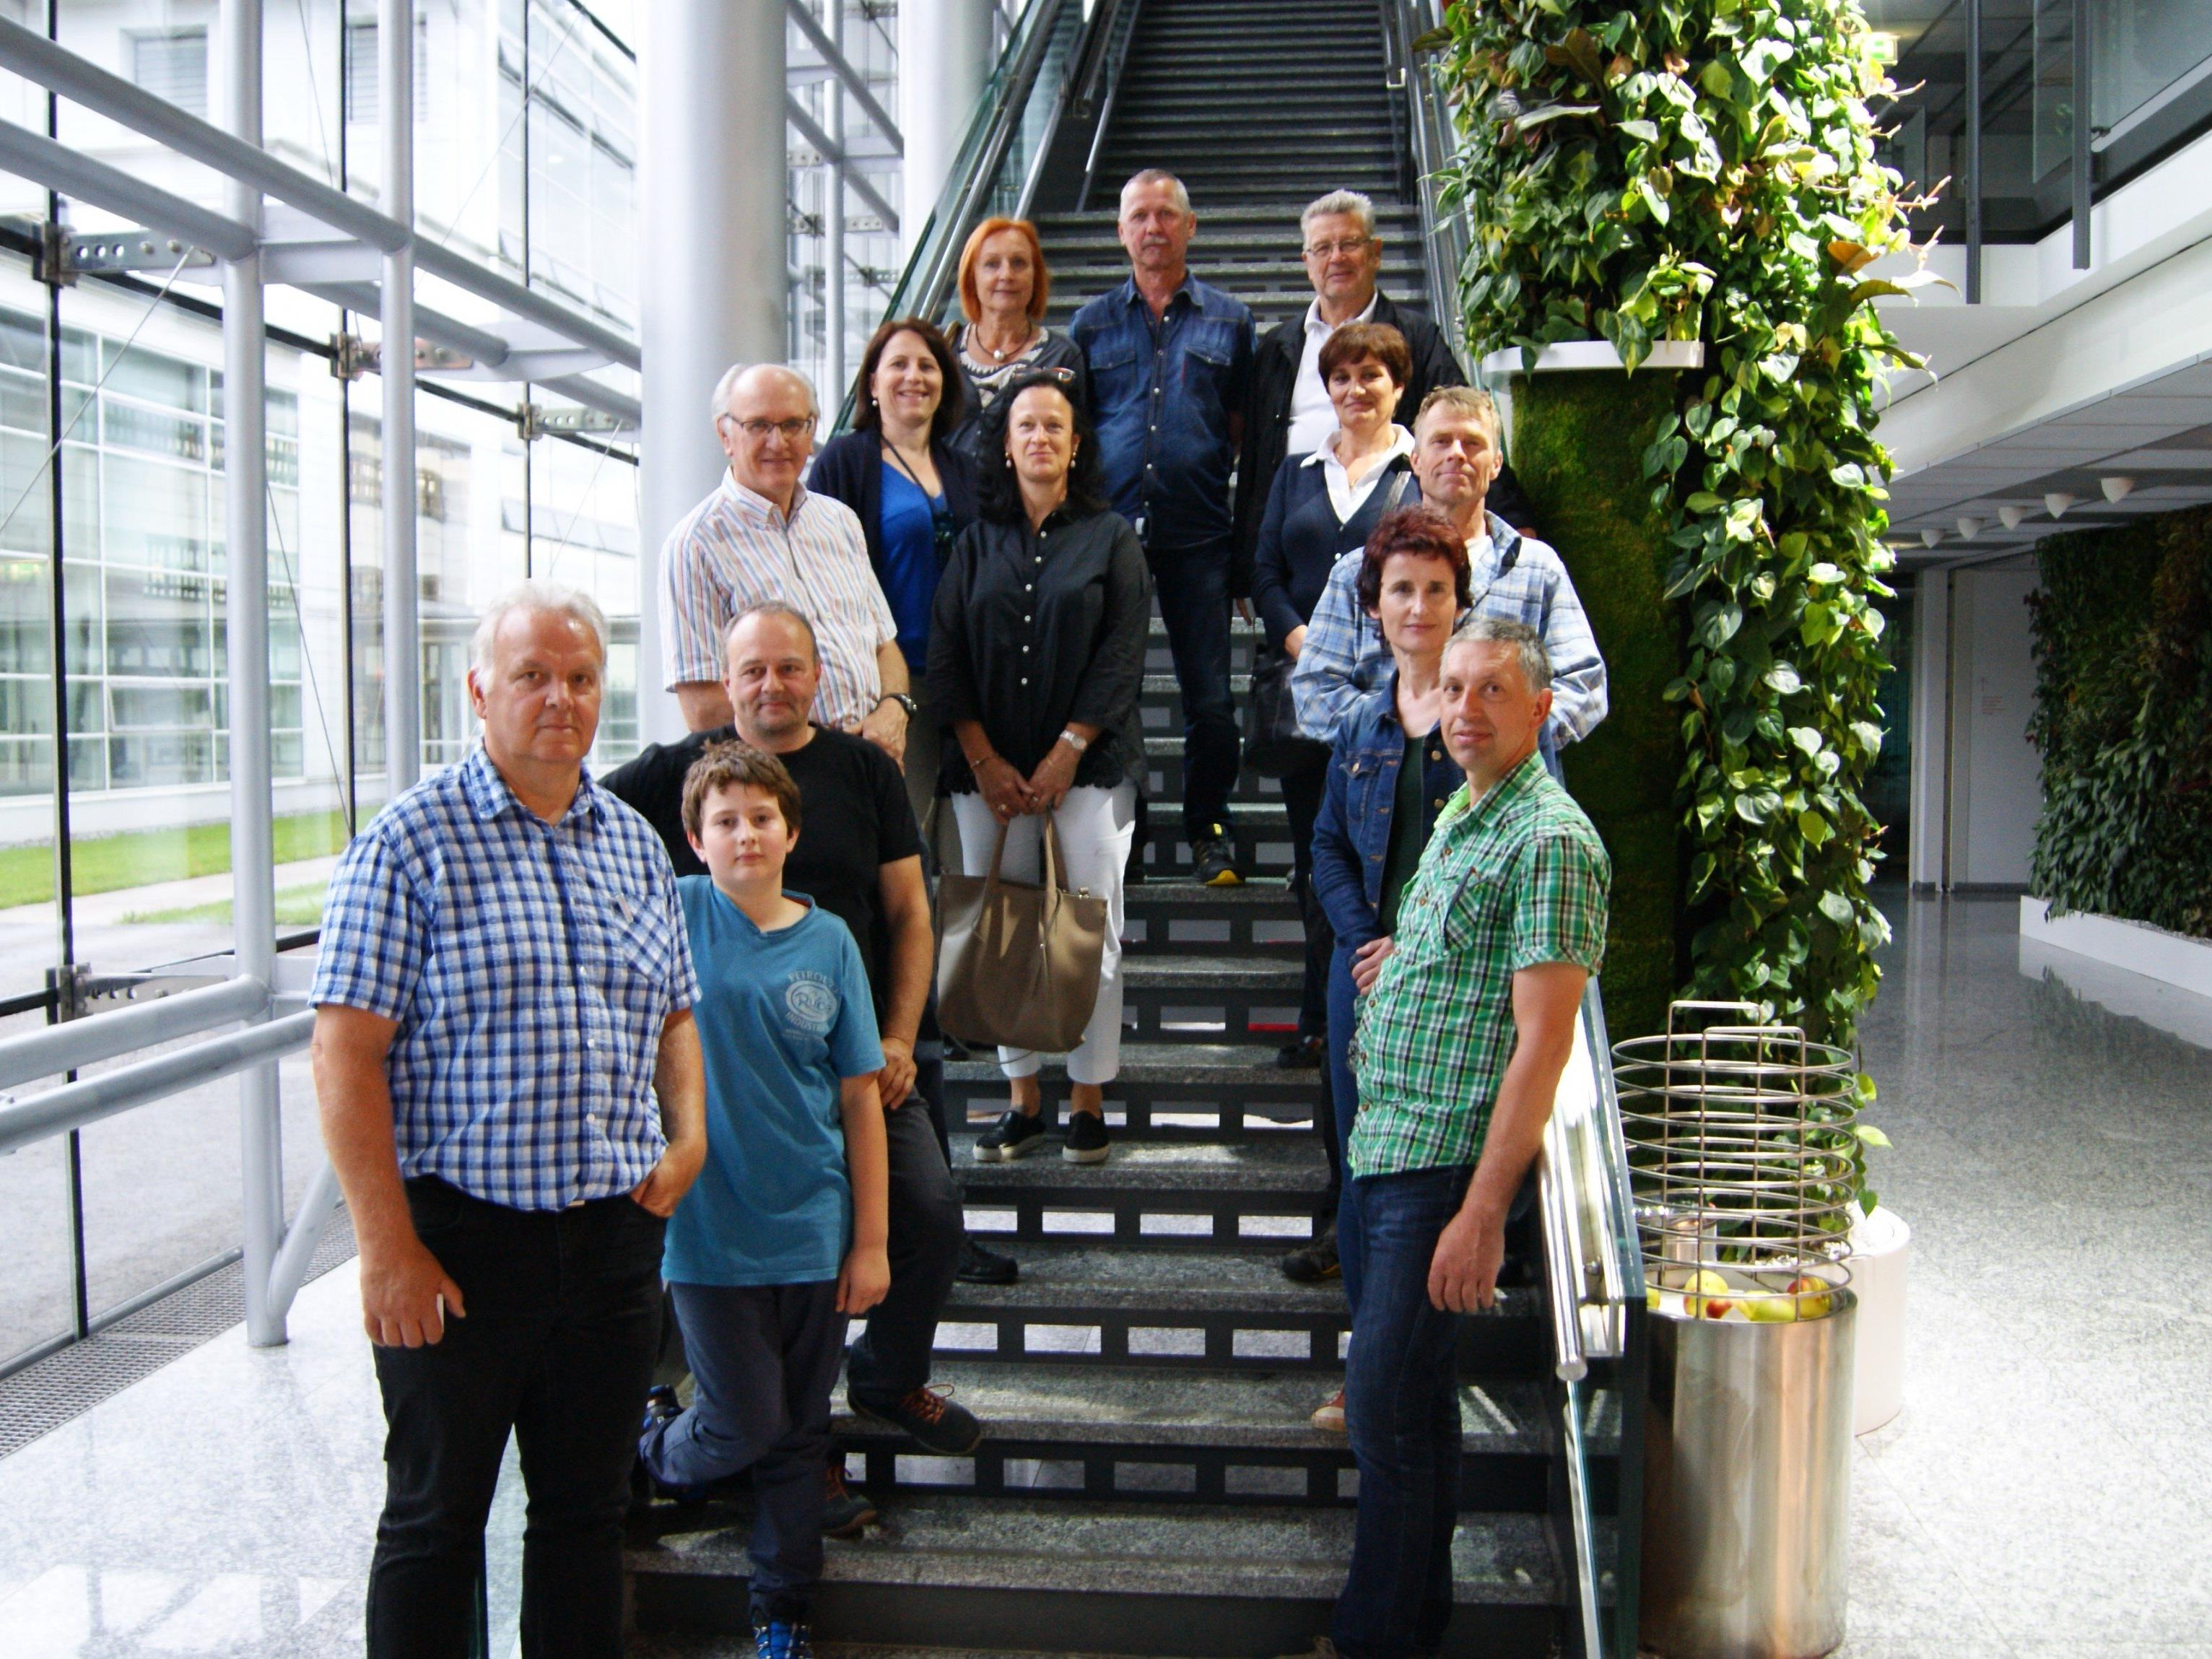 Mitglieder der OG Feldkirch bei der Betriebsbesichtigung von Russmedia